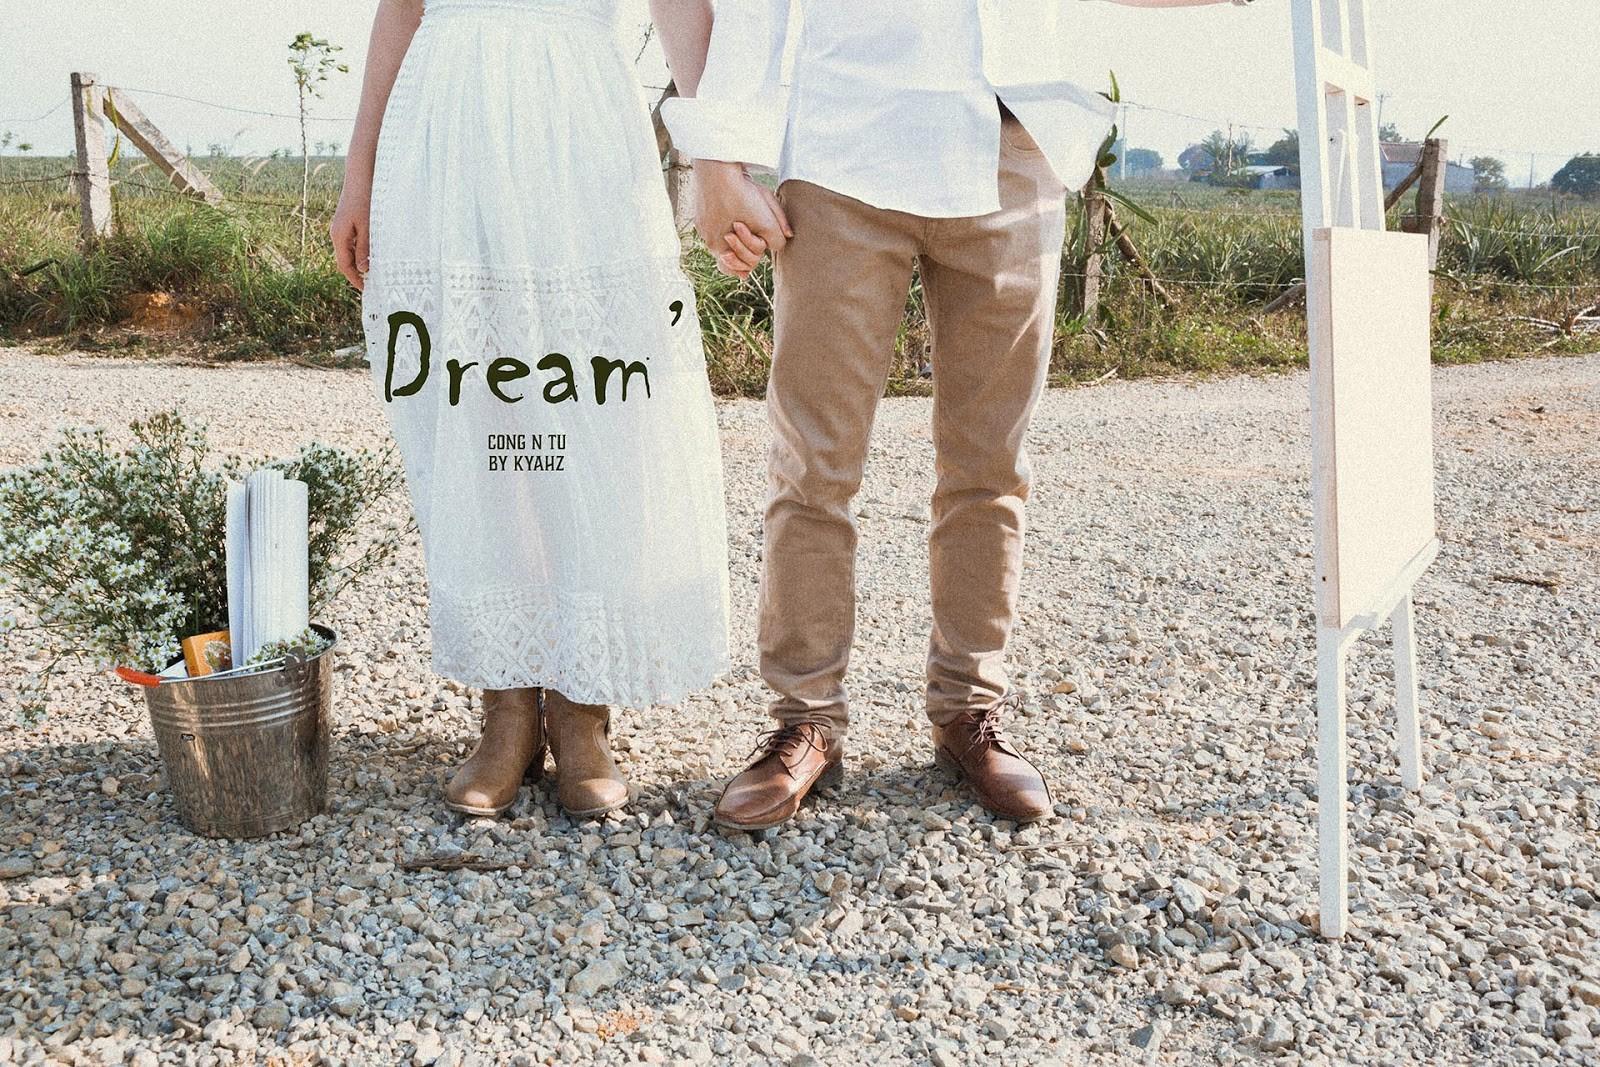 """Dân tình phát sốt với bộ ảnh cưới trong trẻo """"Vẽ giấc mơ tình yêu"""" trên cánh đồng dứa Ninh Bình - Ảnh 3."""